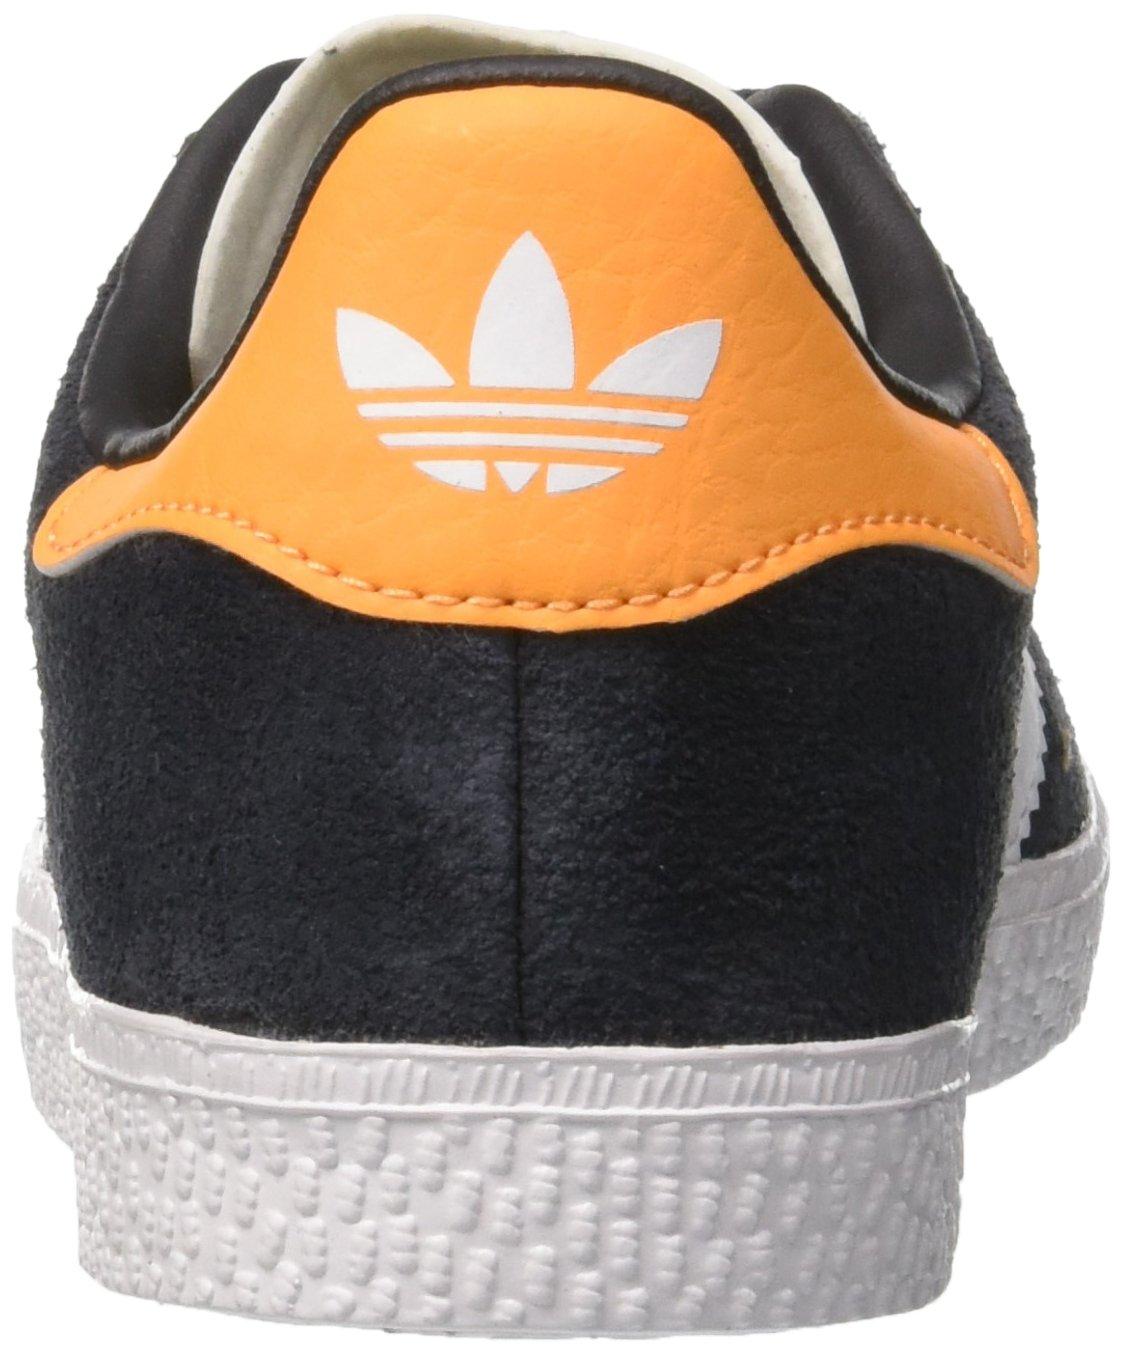 size 40 f6eda 6c52c adidas Gazelle C Chaussures de Fitness Mixte Enfant, Gris (CarbonFtwblaOrorea  000), 34 EU Amazon.fr Chaussures et Sacs